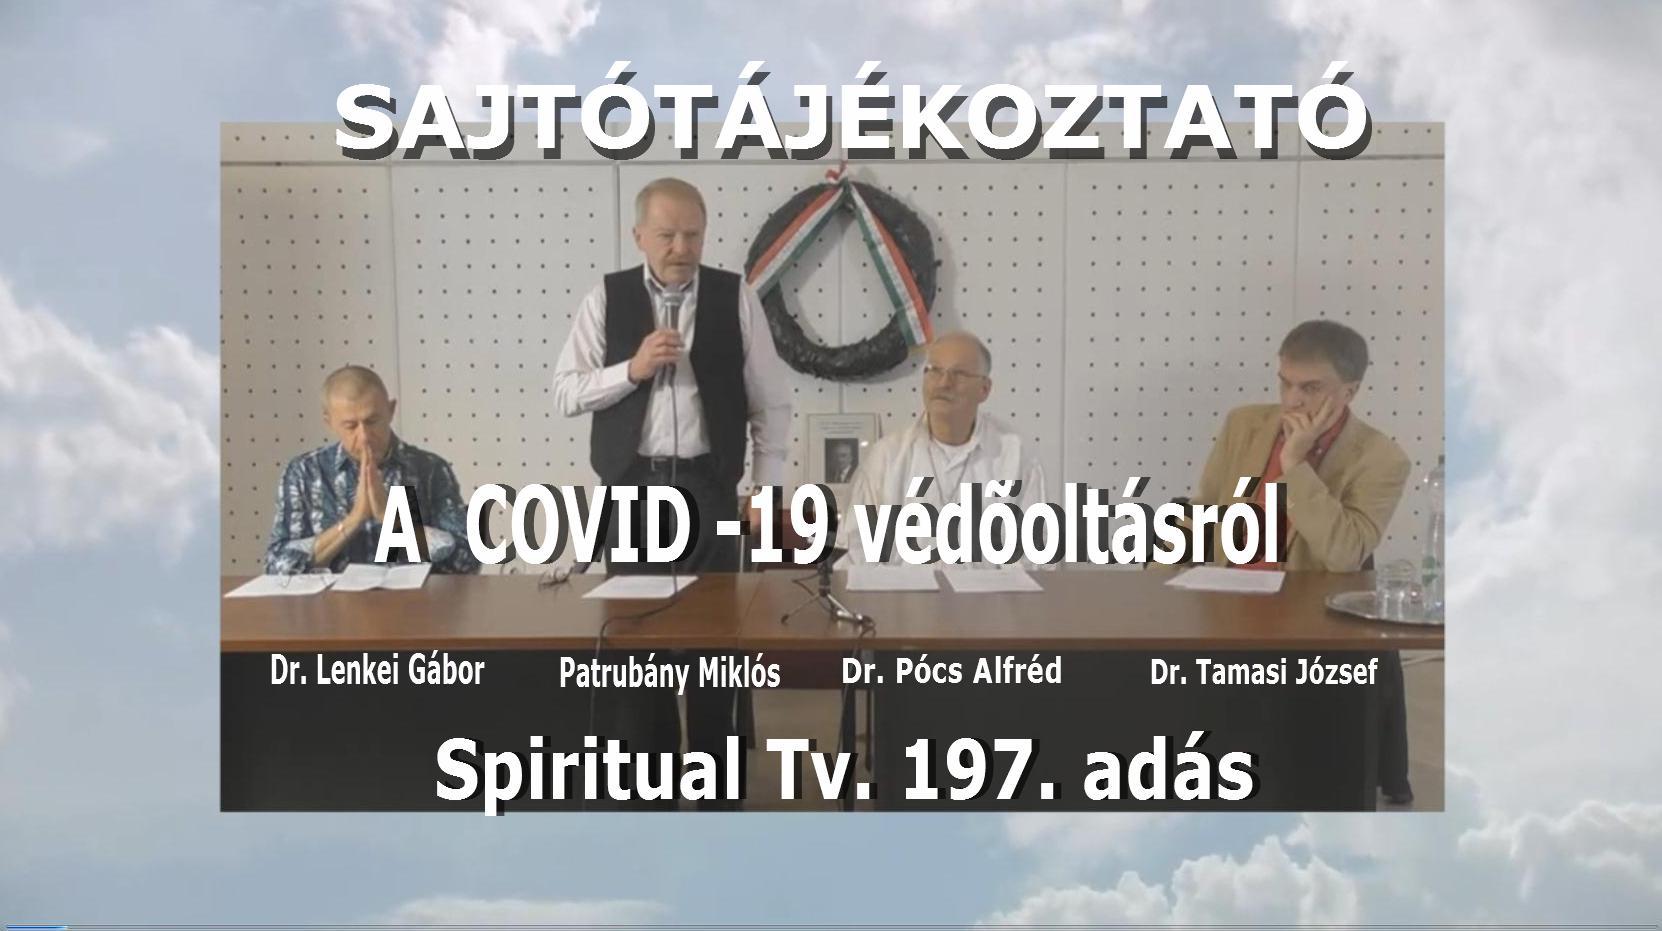 2020.11.10. www.spiritualtv.hu